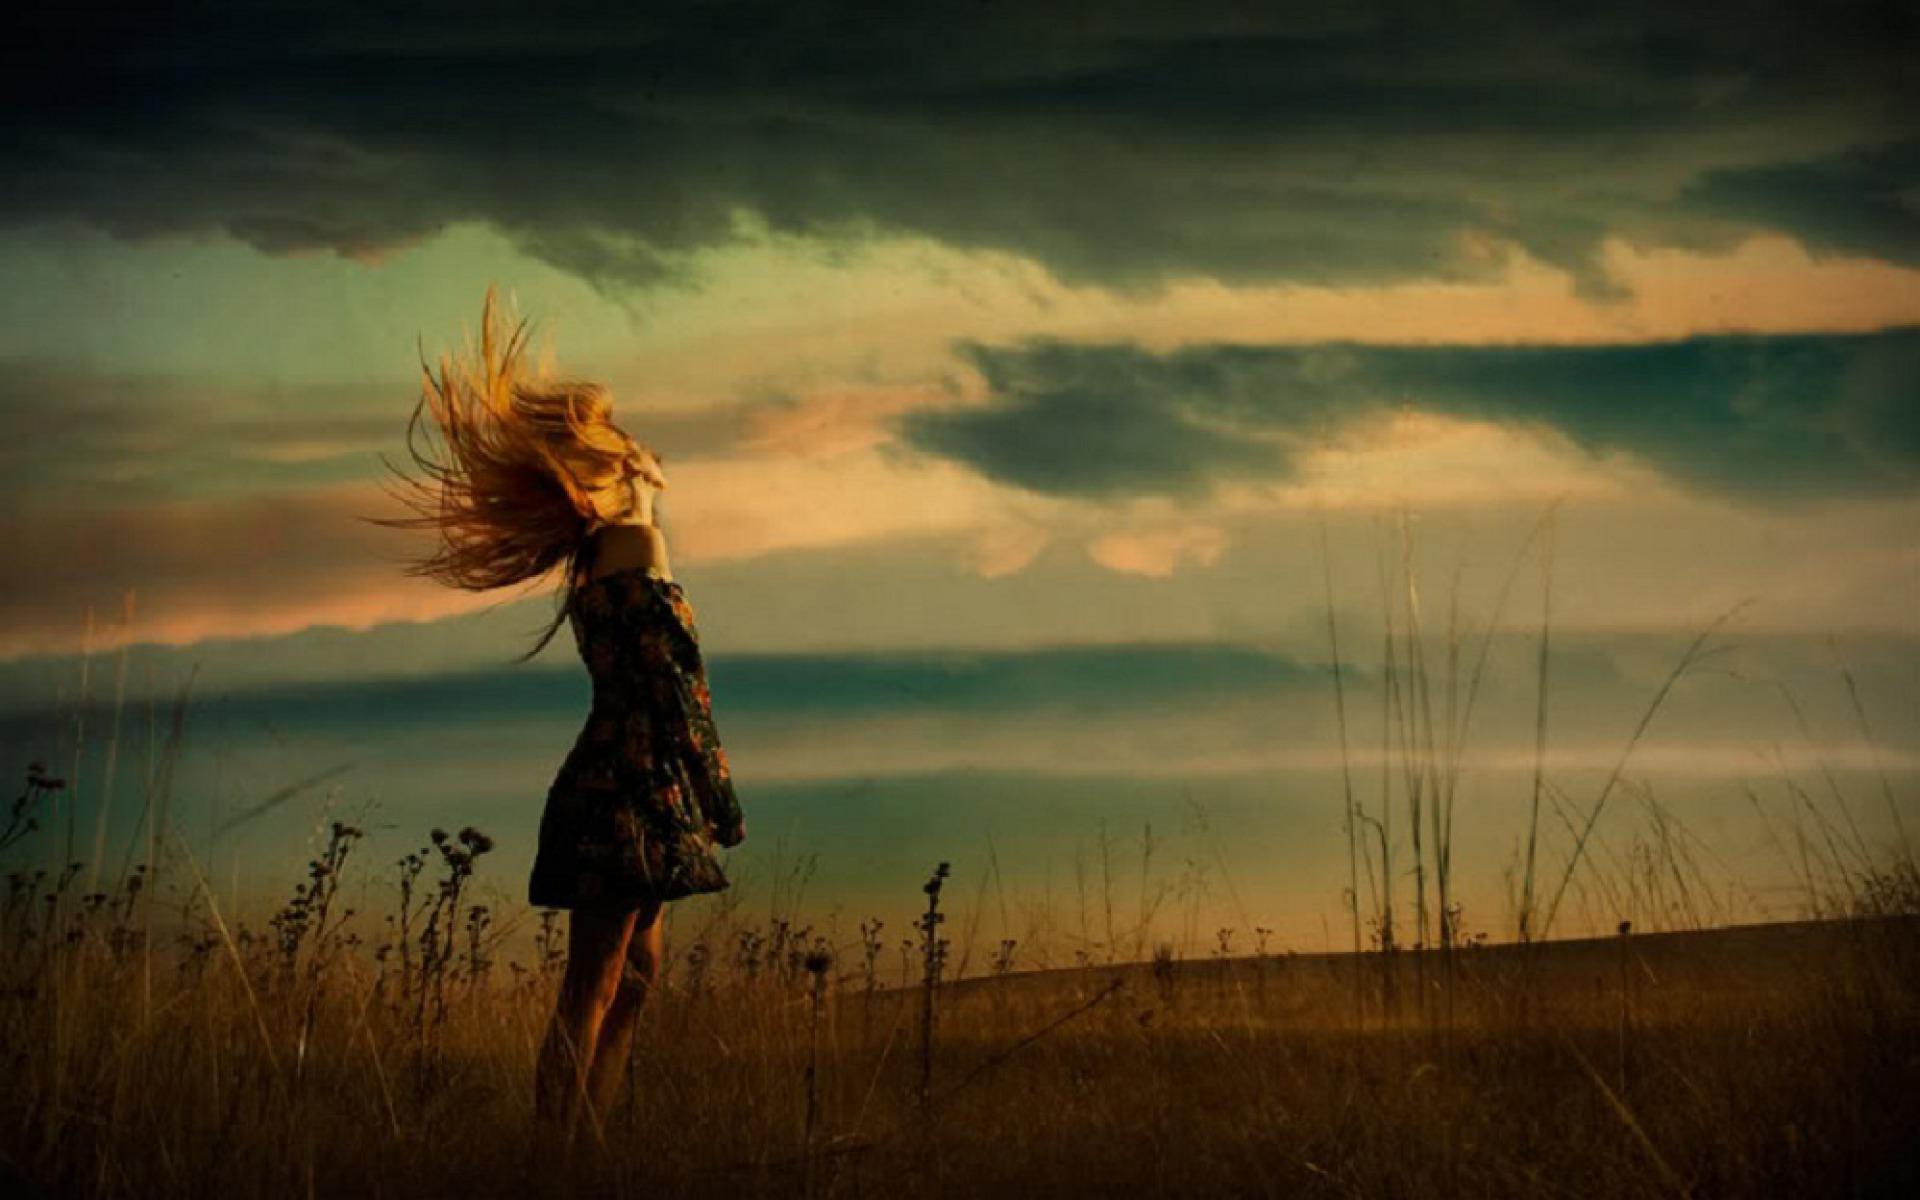 Donde el viento nos deje ser